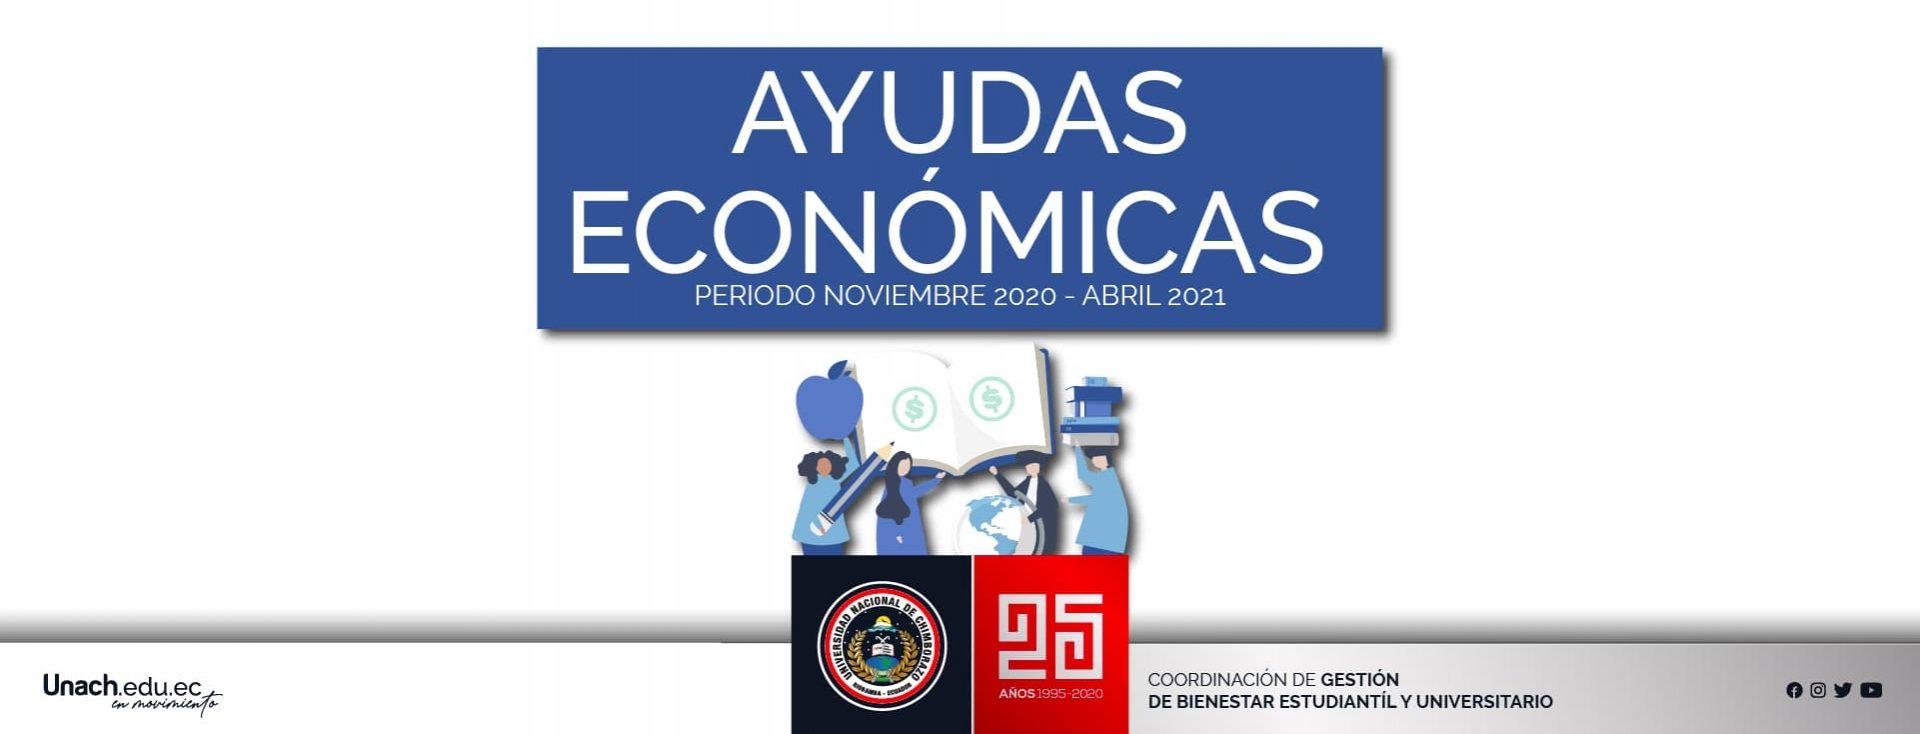 AYUDAS ECONOMICAS DE RÉGIMEN ESPECIAL  PERIODO NOVIEMBRE 2020 - ABRIL 2021